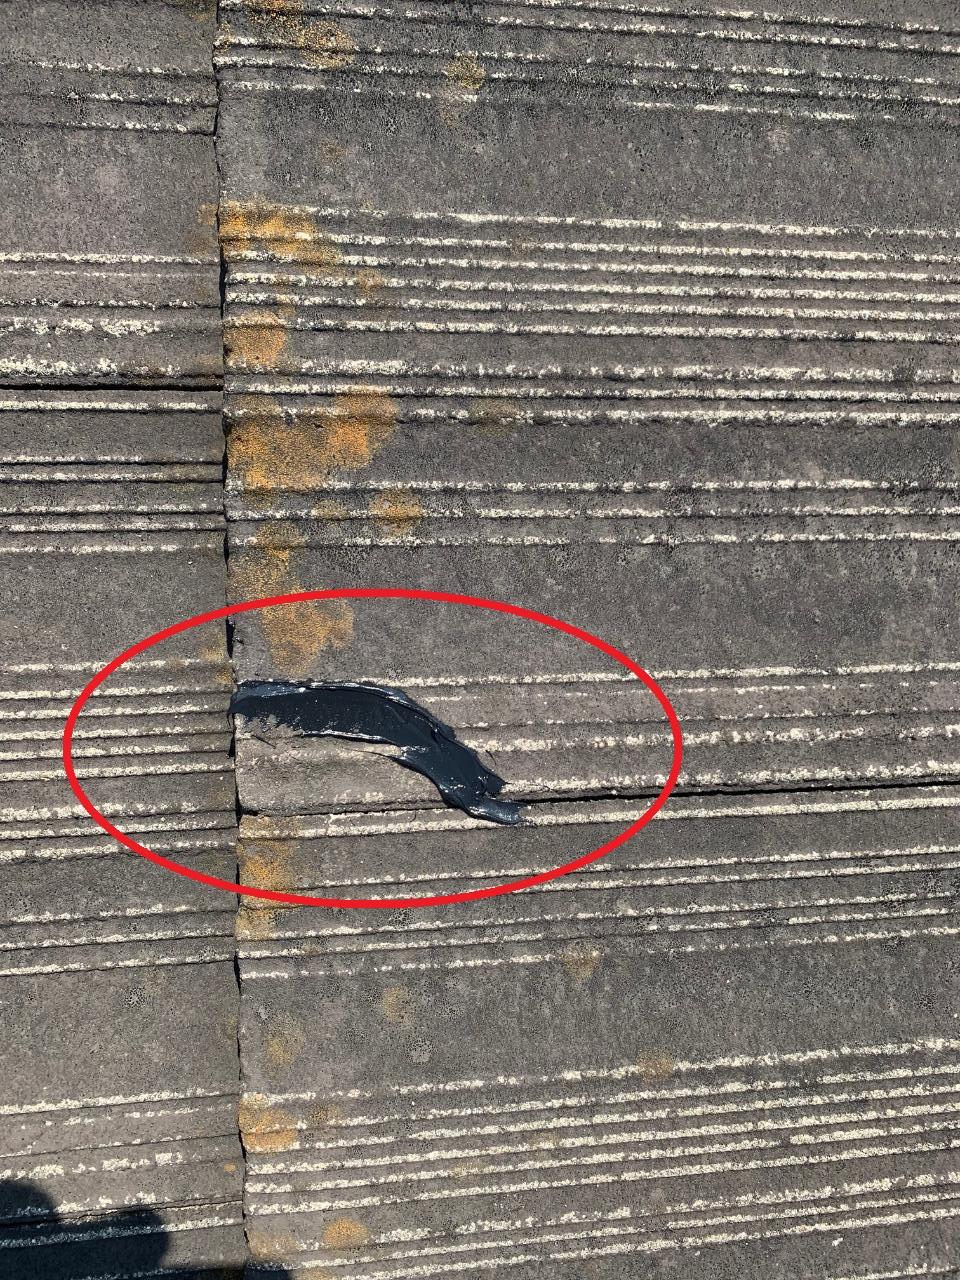 瓦屋根修理で細かいひび割れにコーキングを打った様子